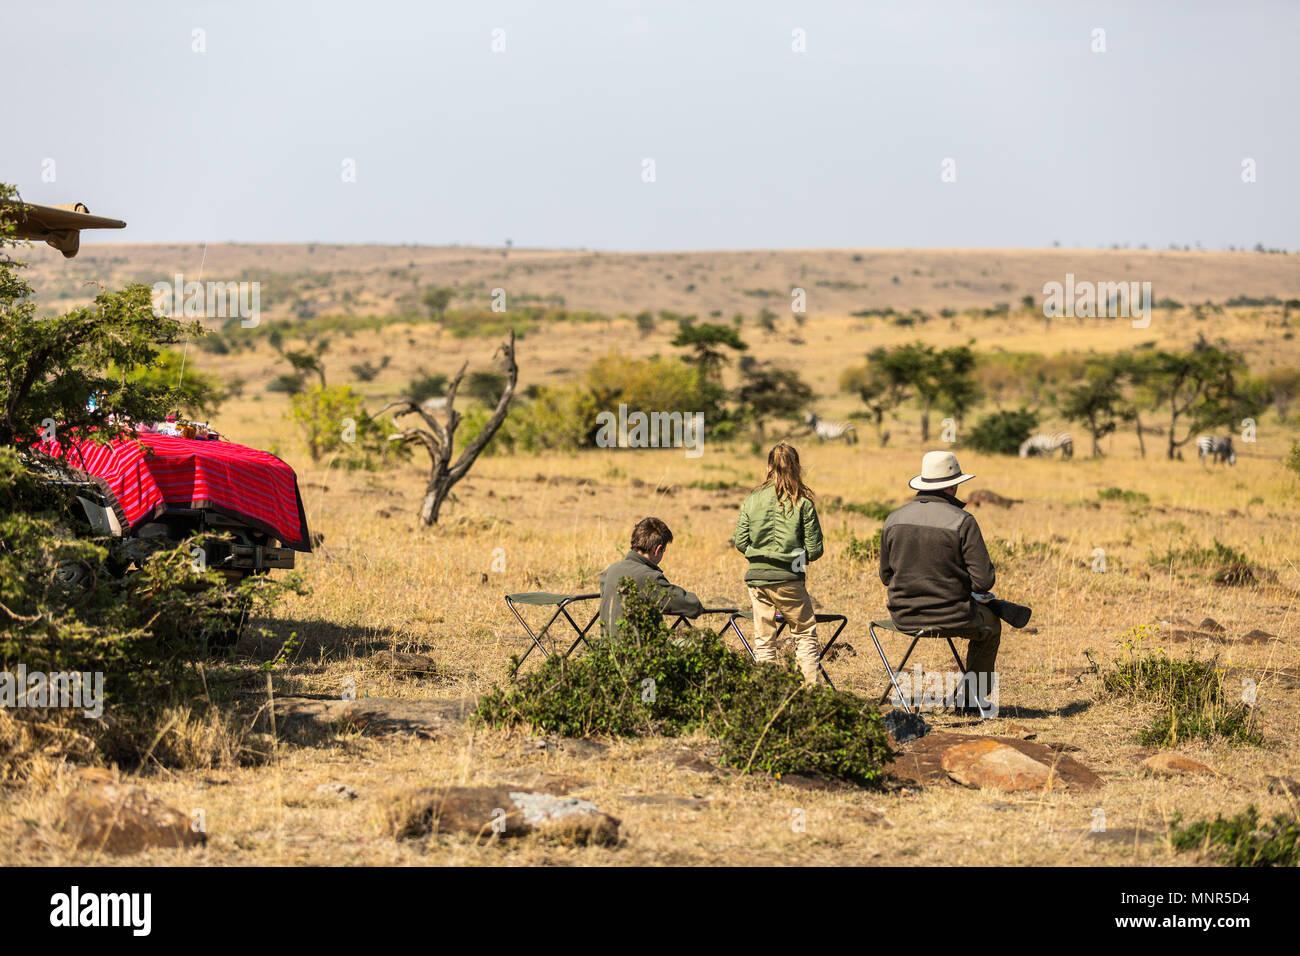 Familia de padre e hijos en safari africano vacaciones disfrutando de la vista de Bush Imagen De Stock